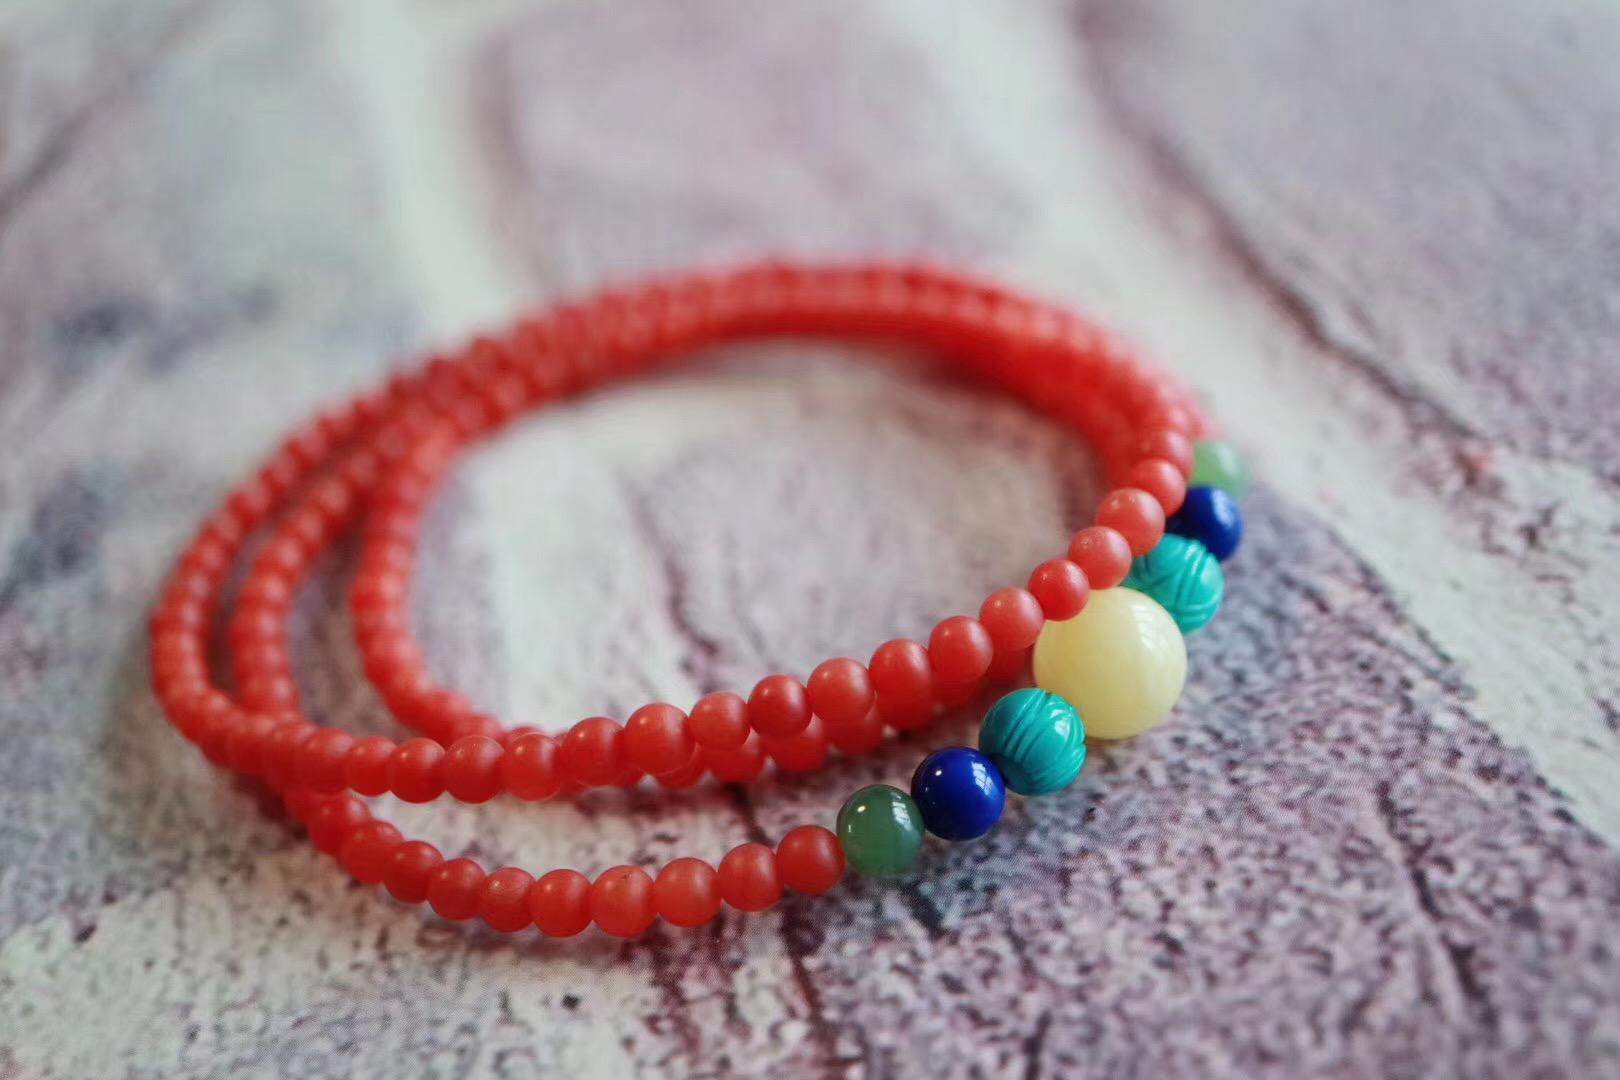 【保山南红】一红传千年,藏玉为南红~-菩心晶舍